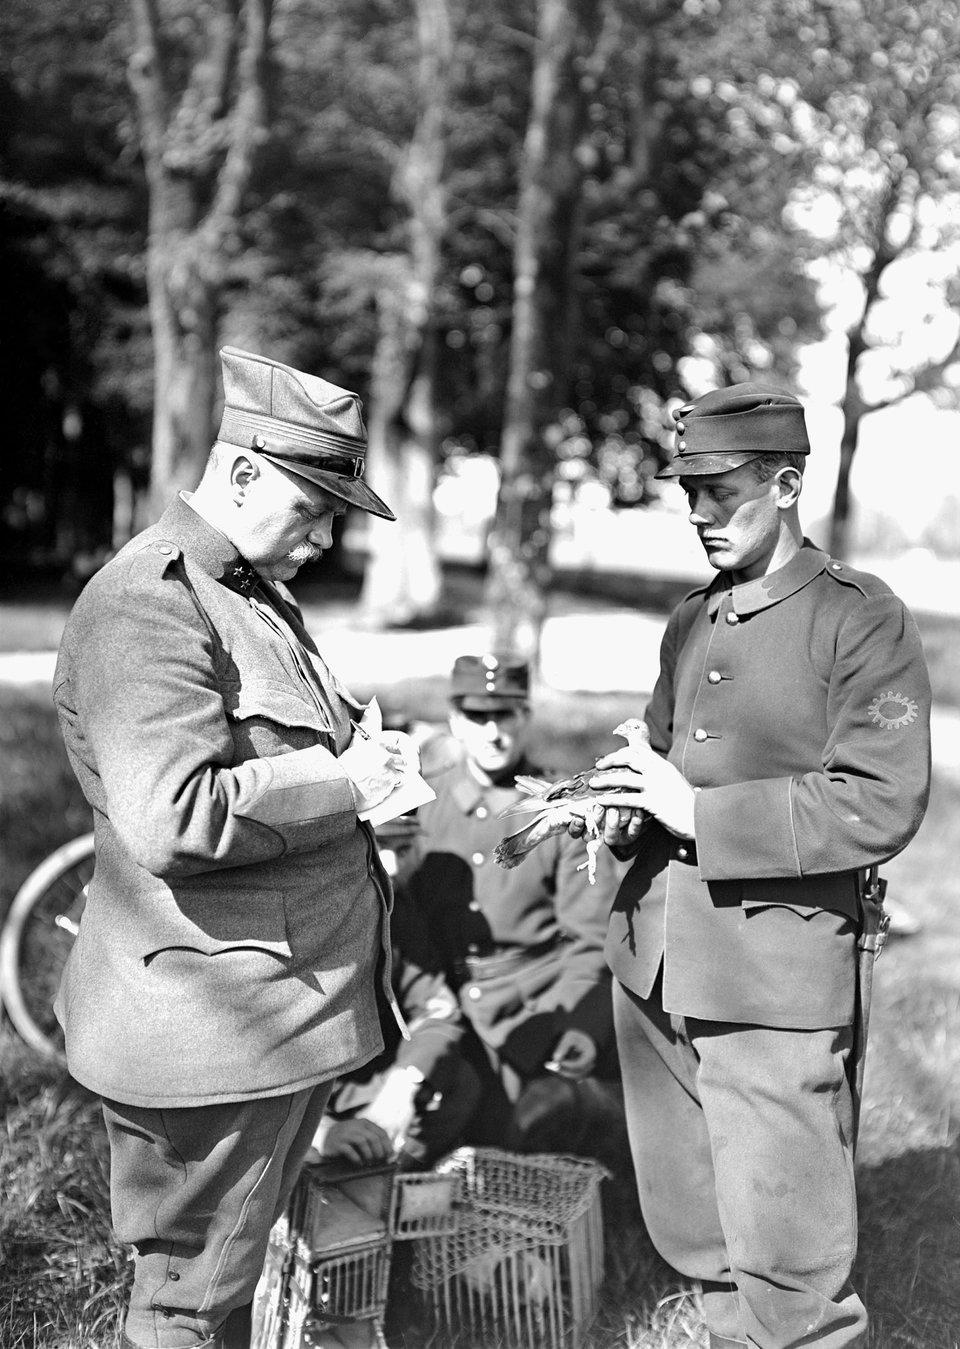 Ilustracja przedstawiająca żołnierzy zczasów Iwojny światowej. Jeden znich trzyma gołębia pocztowego